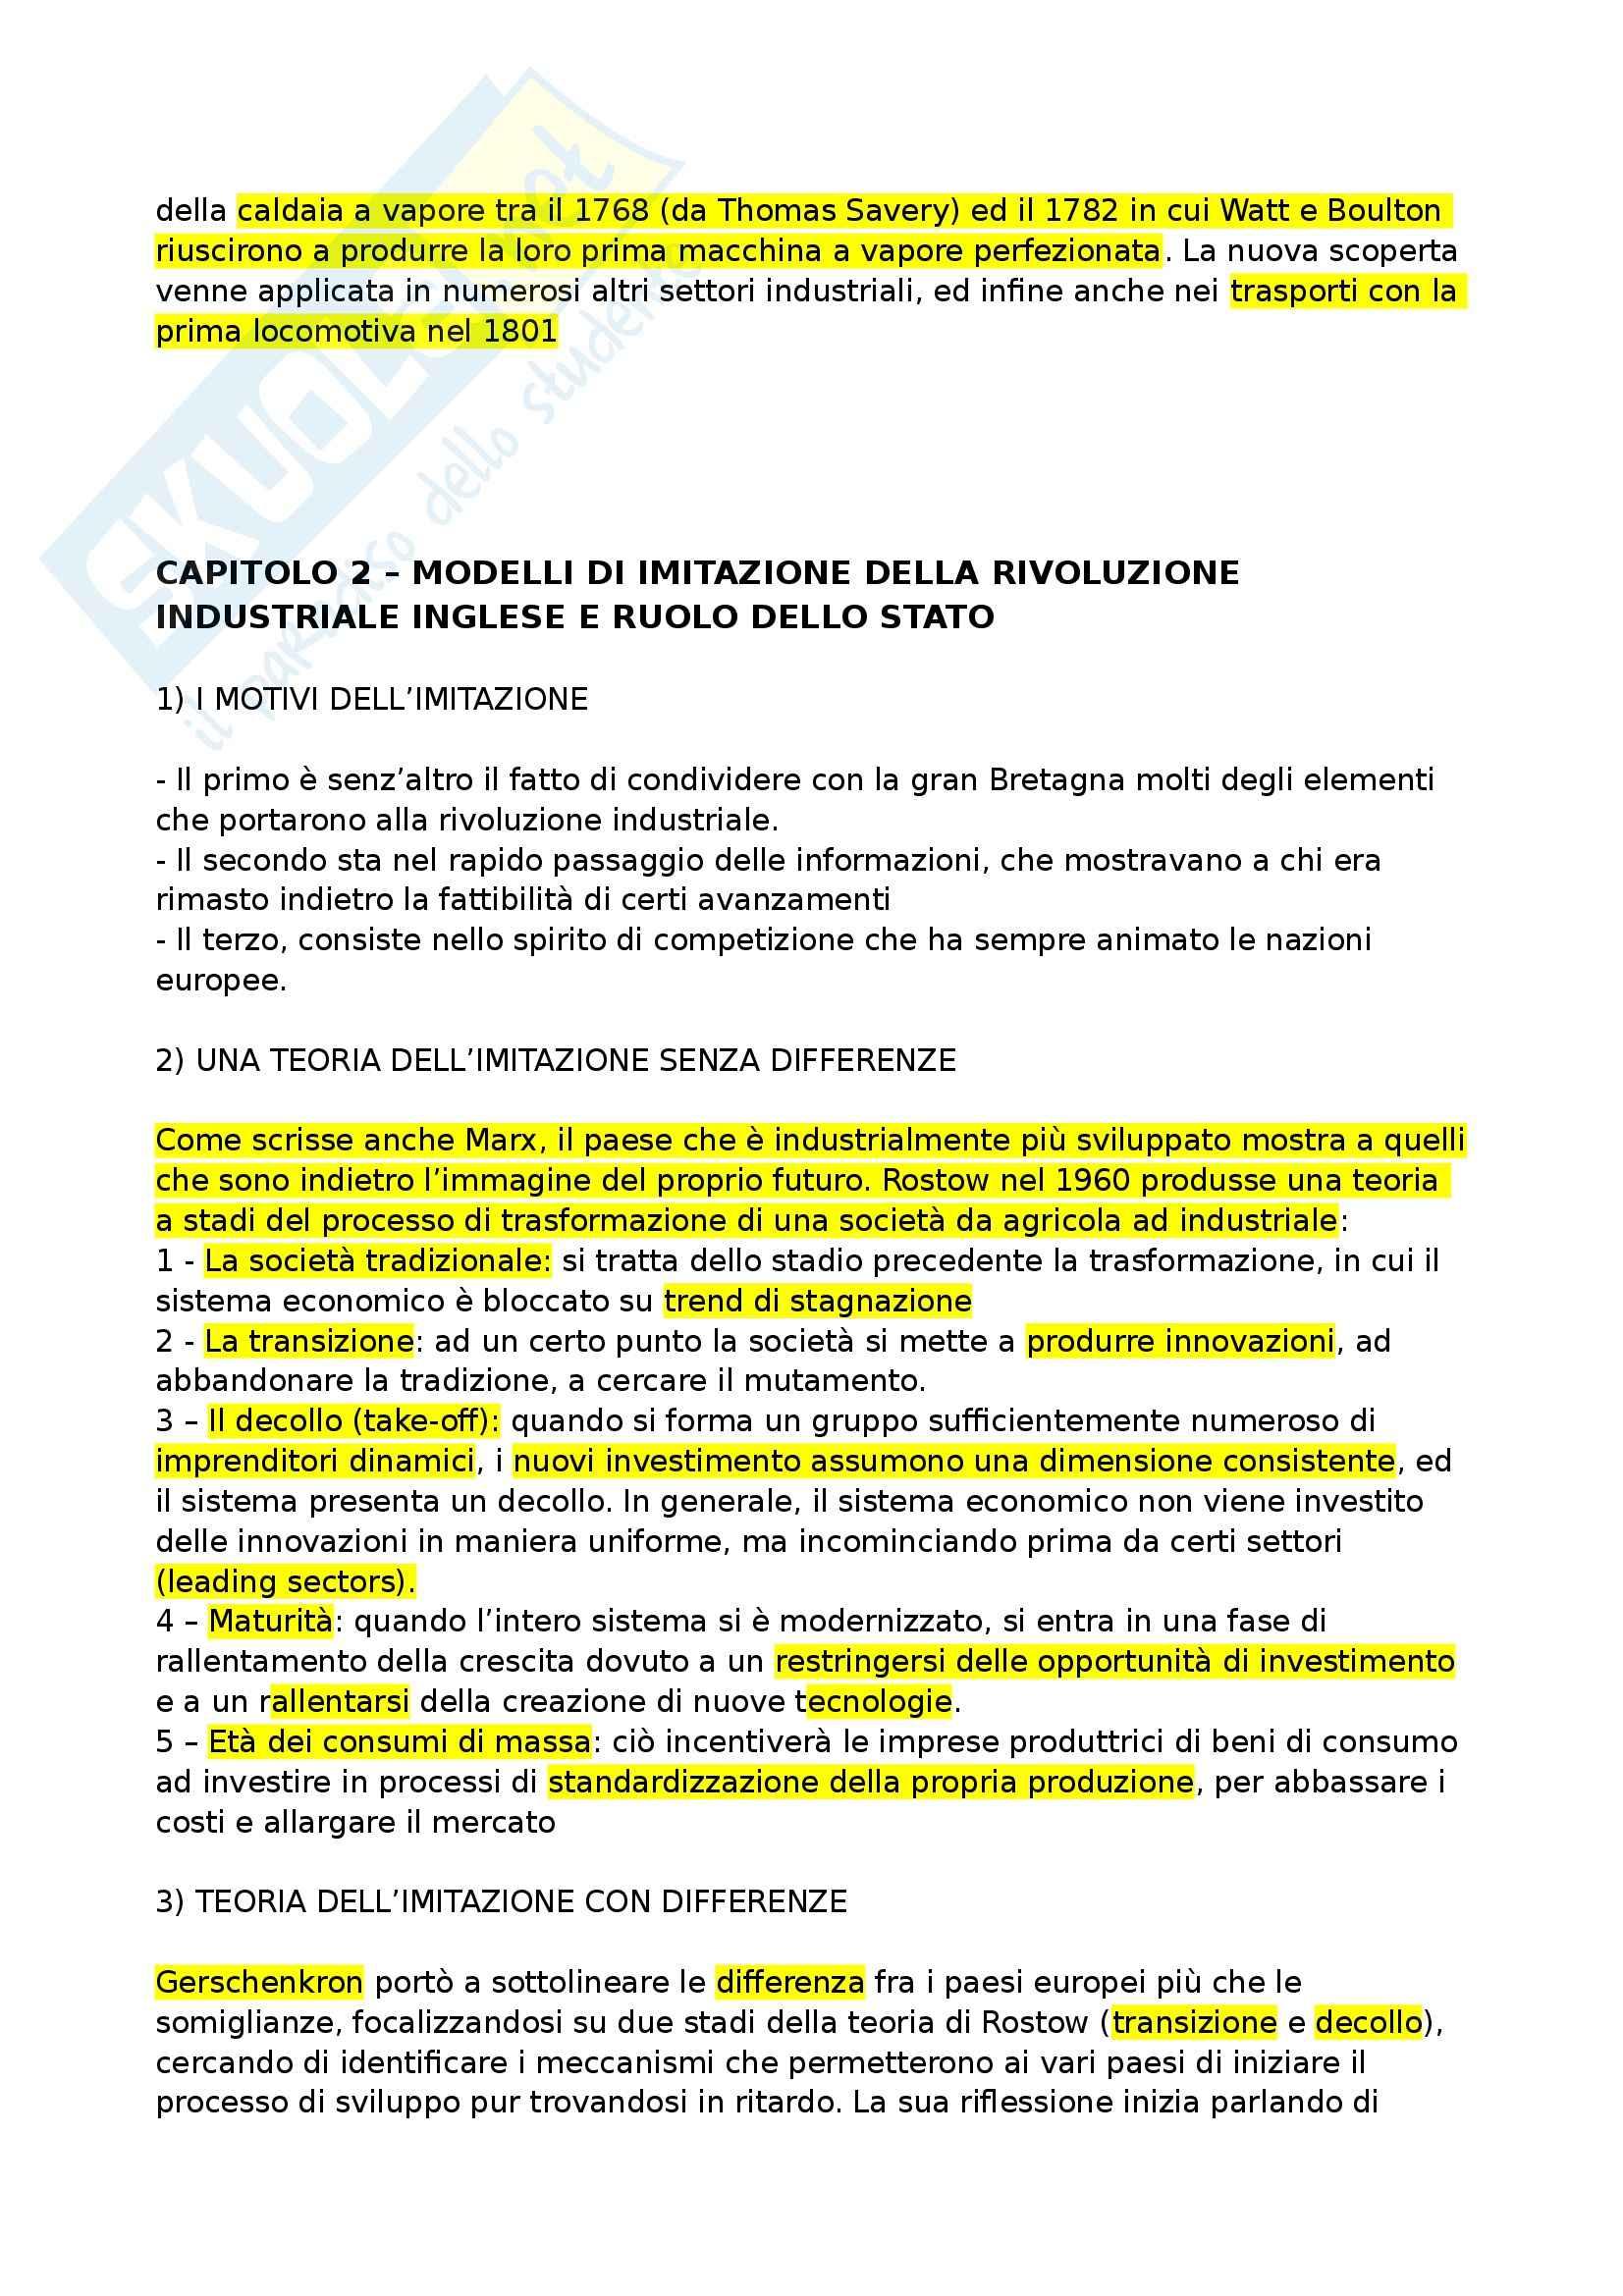 Riassunto esame Storia Economica, prof. Chiapparino, libro consigliato Dalla Rivoluzione Industriale all'Integrazione Europea di Zamagni Pag. 2